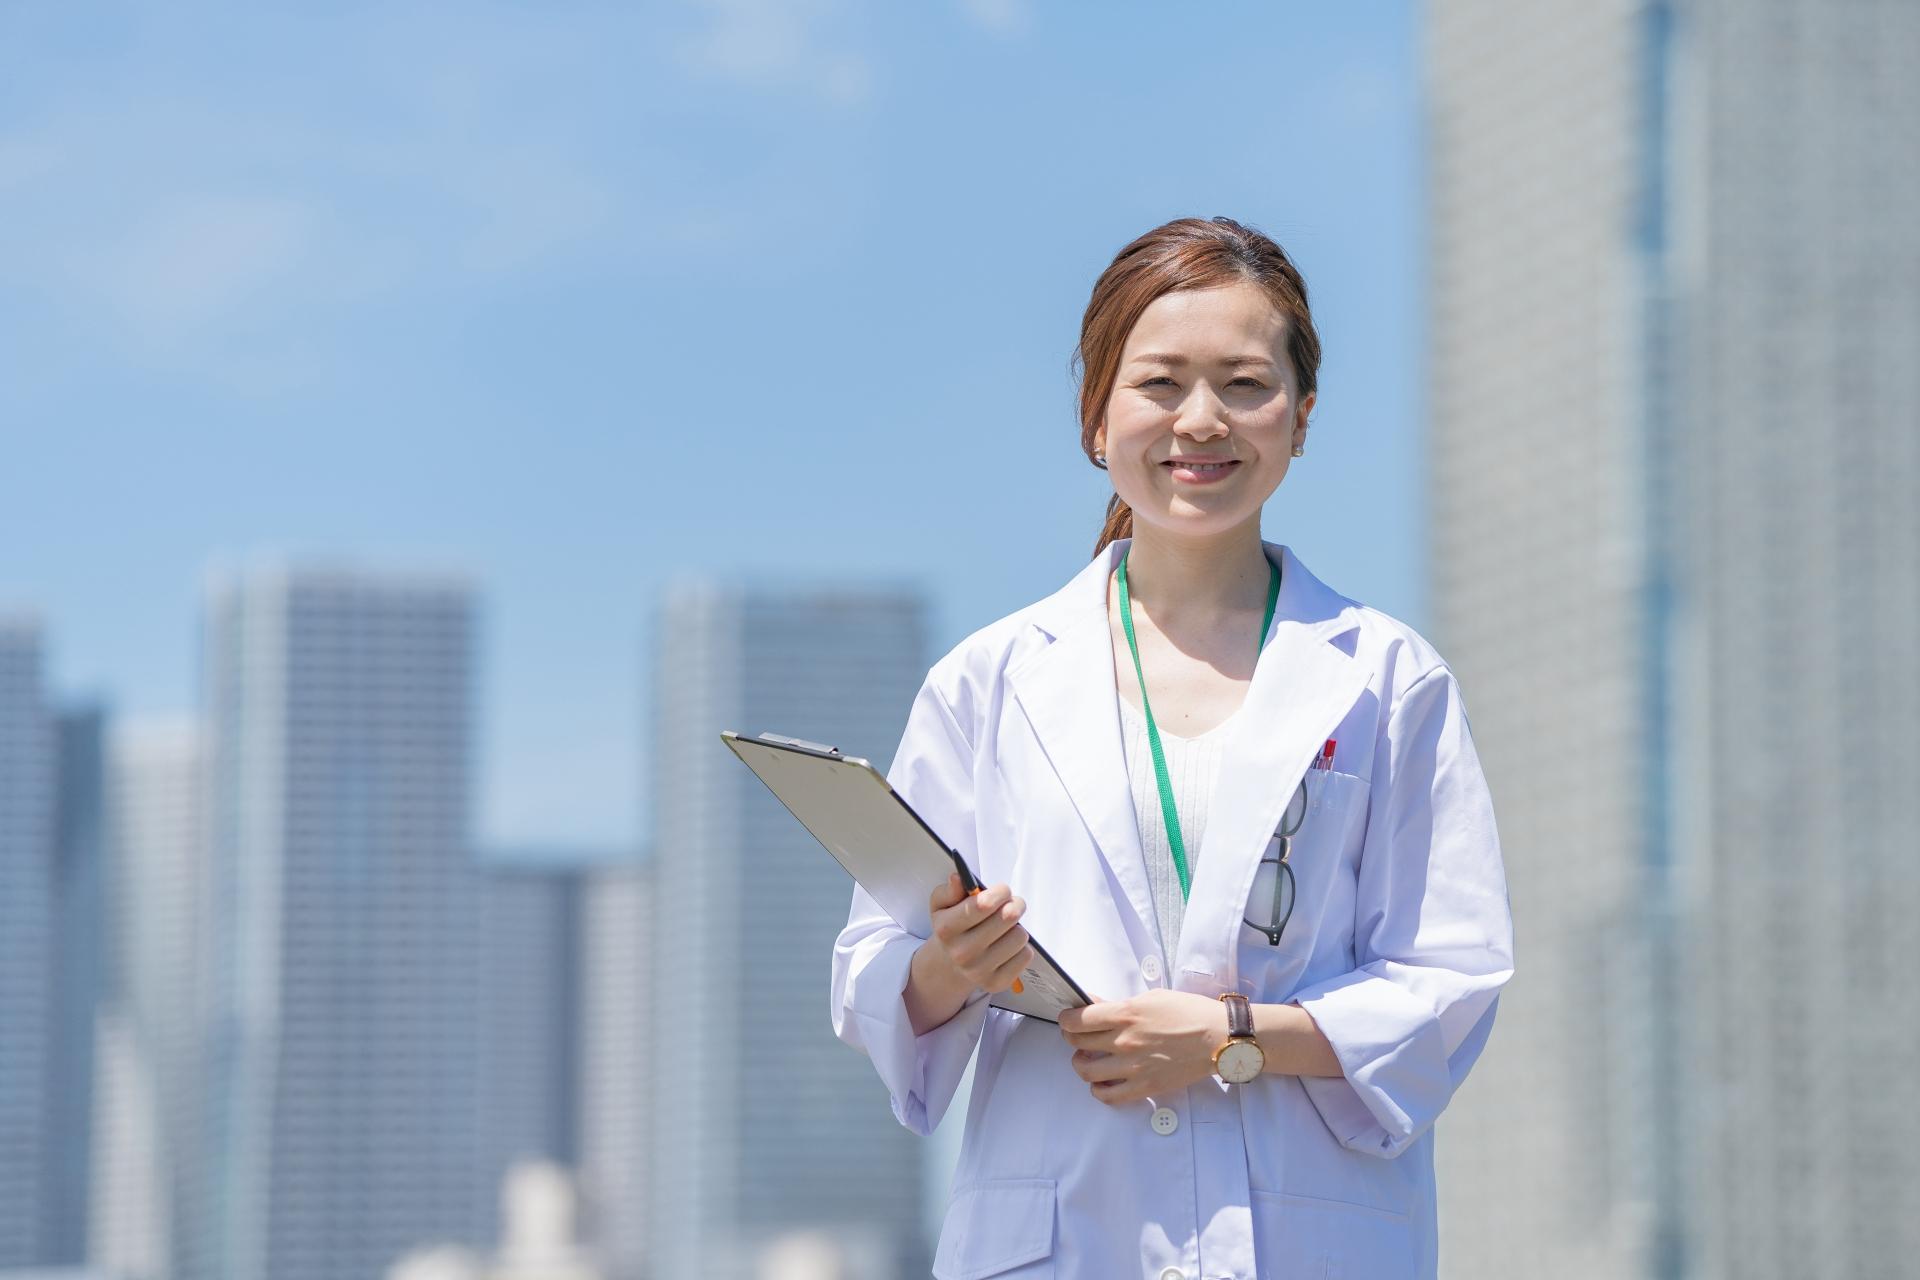 医師採用 看護師採用 支度金 医師不足 医師転職 ジーネット株式会社